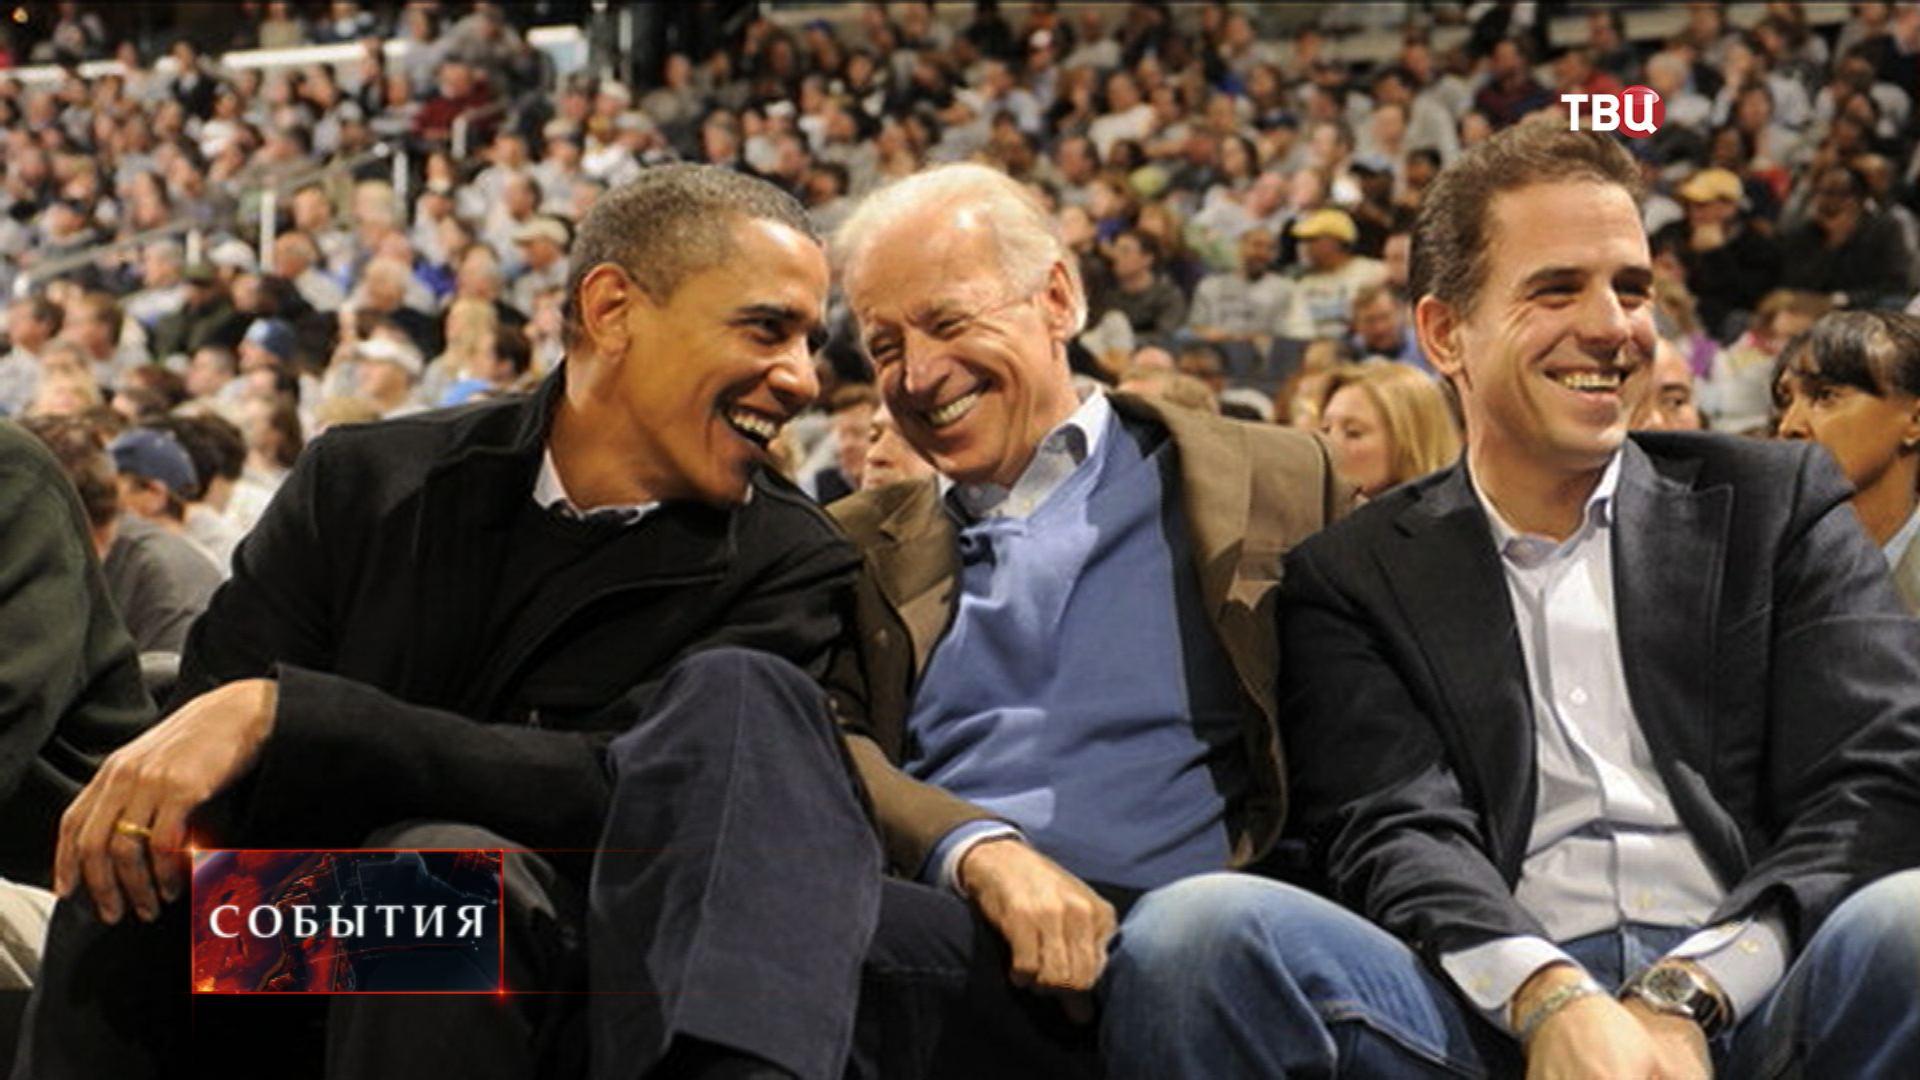 Вице-президент США Джозеф Байден его сын и Барак Обама